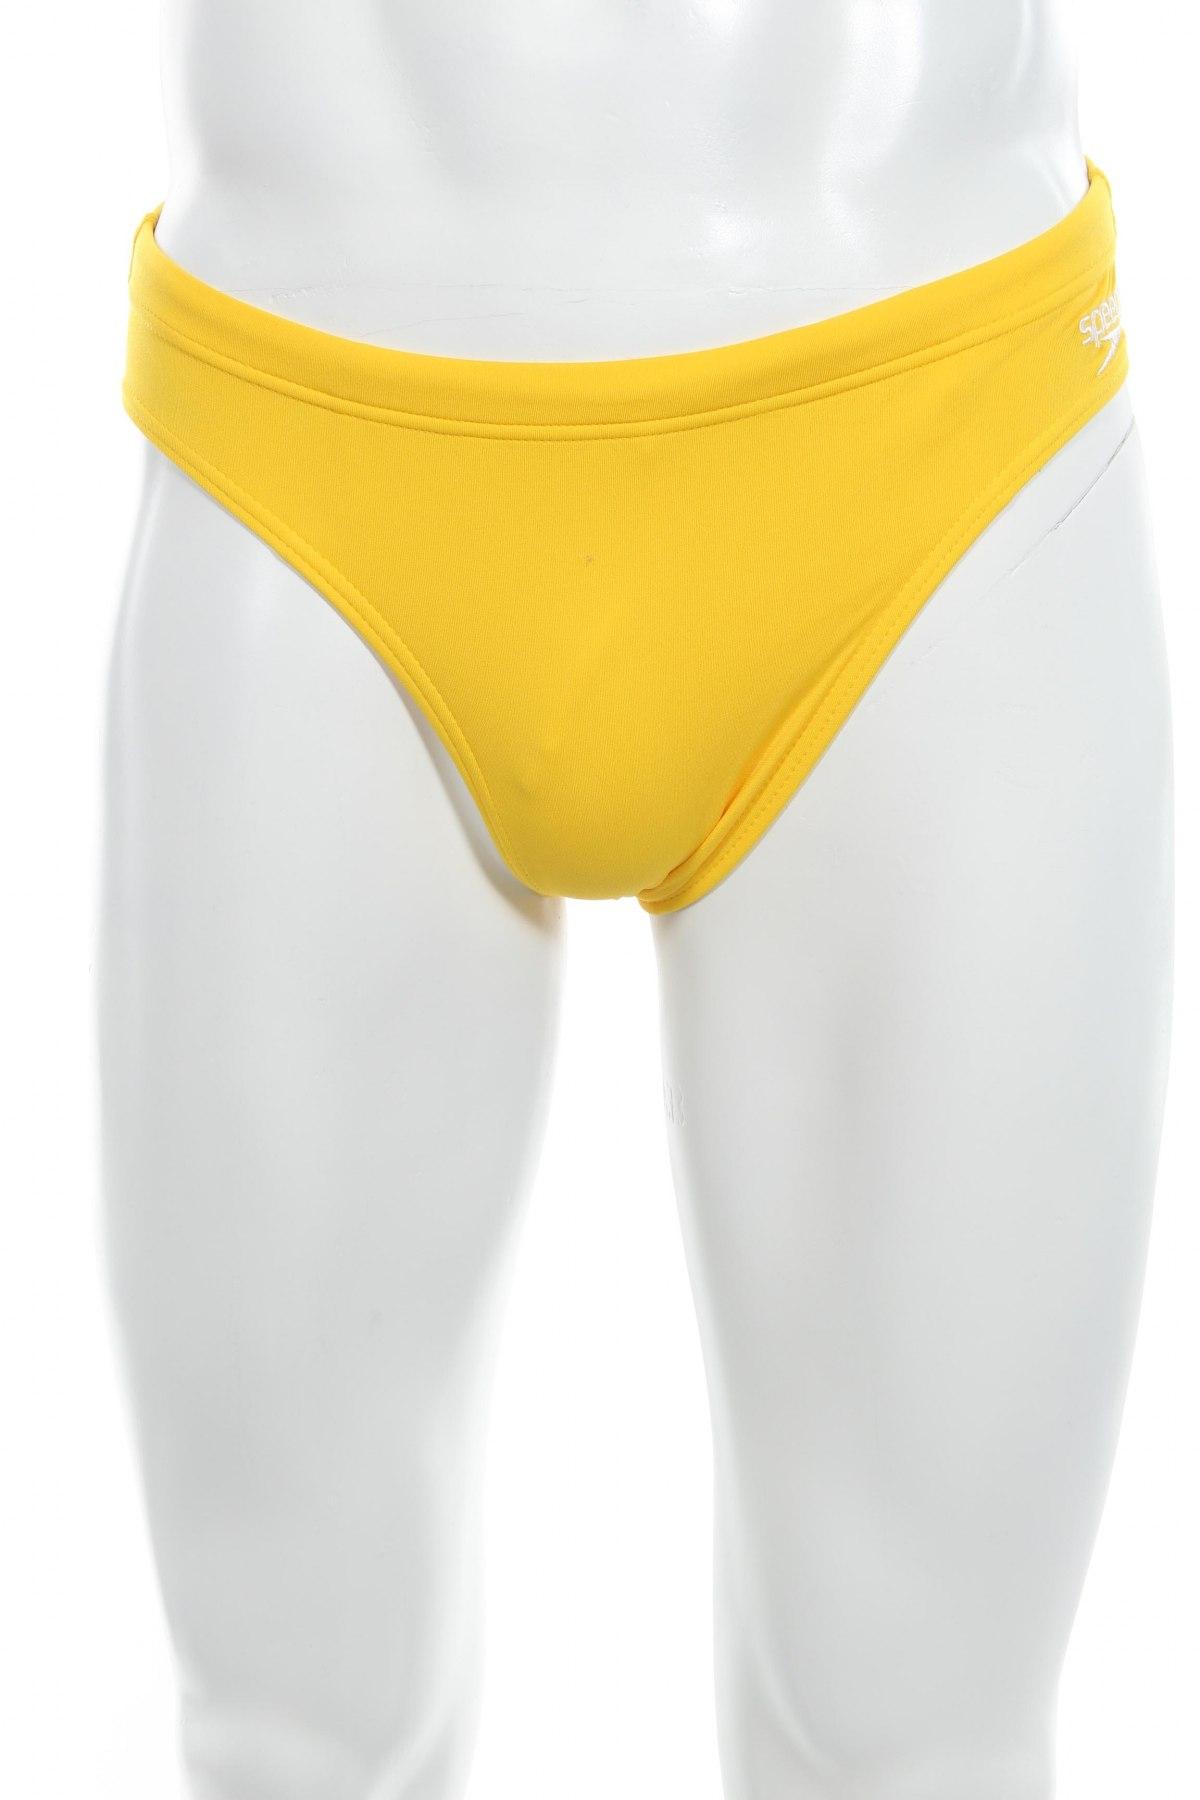 Мъжки бански Speedo, Размер S, Цвят Жълт, Полиестер, Цена 21,60лв.